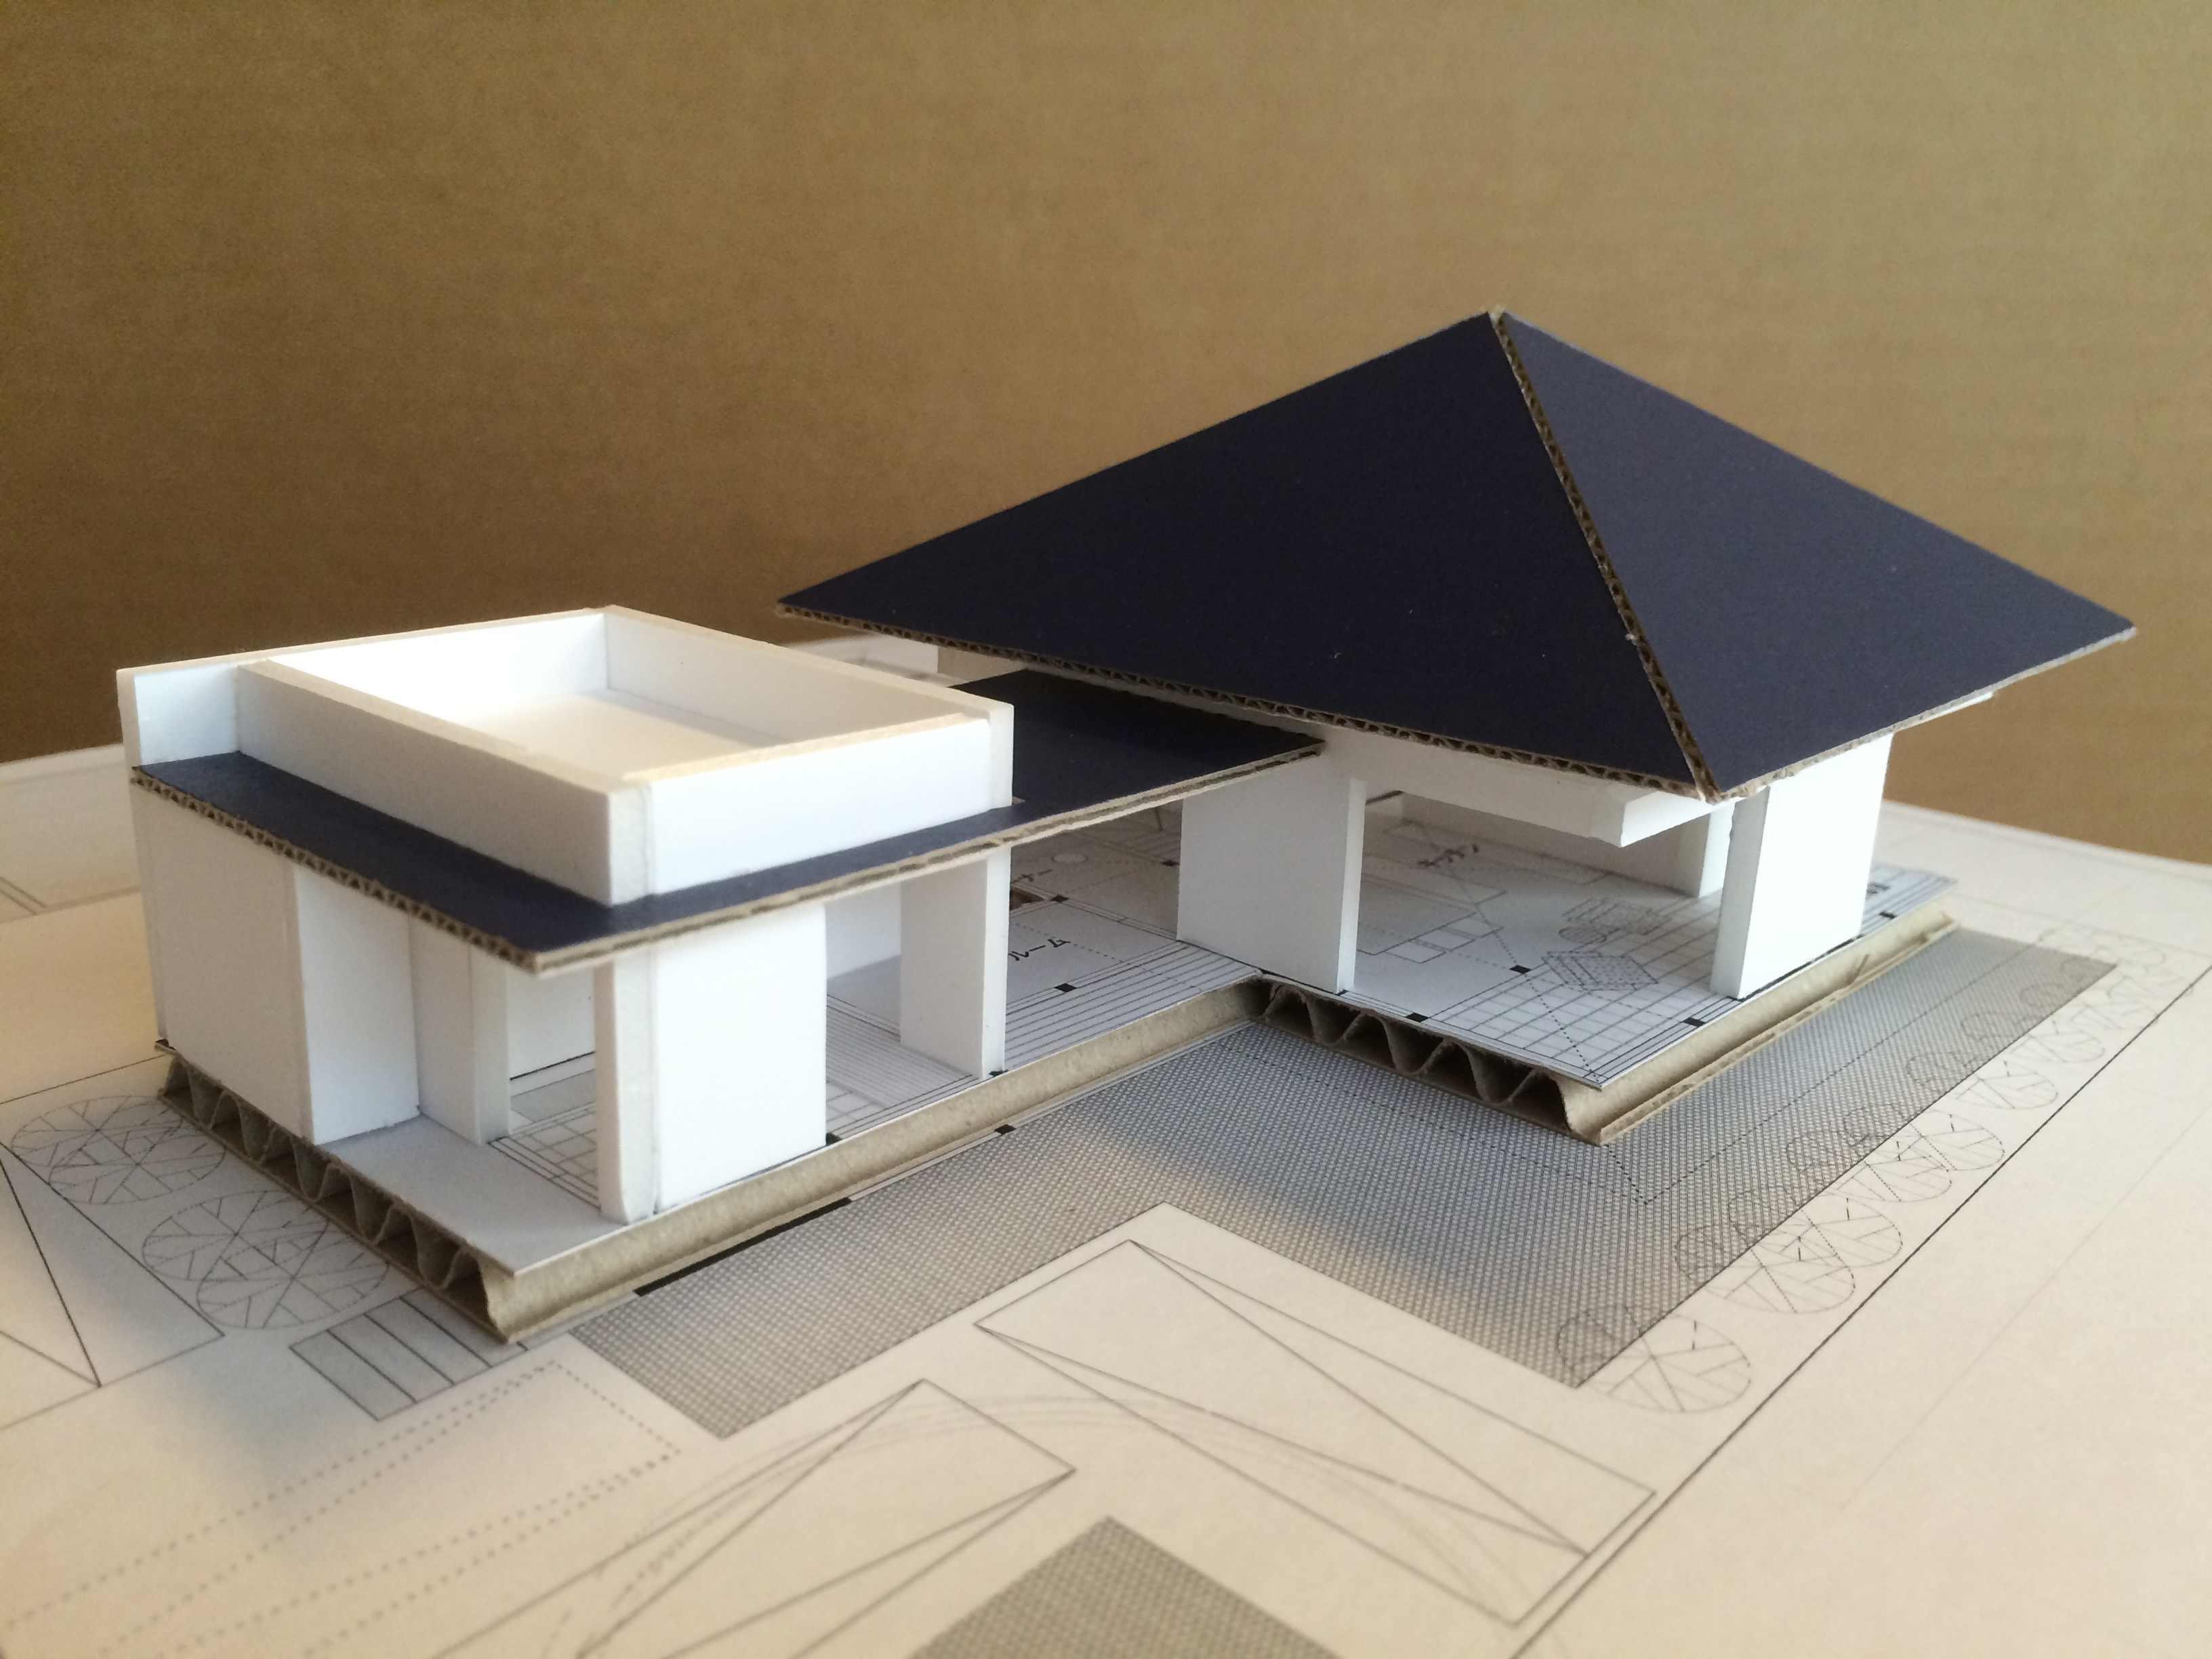 千葉県君津市で「そらどまの家」を取組み始めました。_d0027290_8564168.jpg